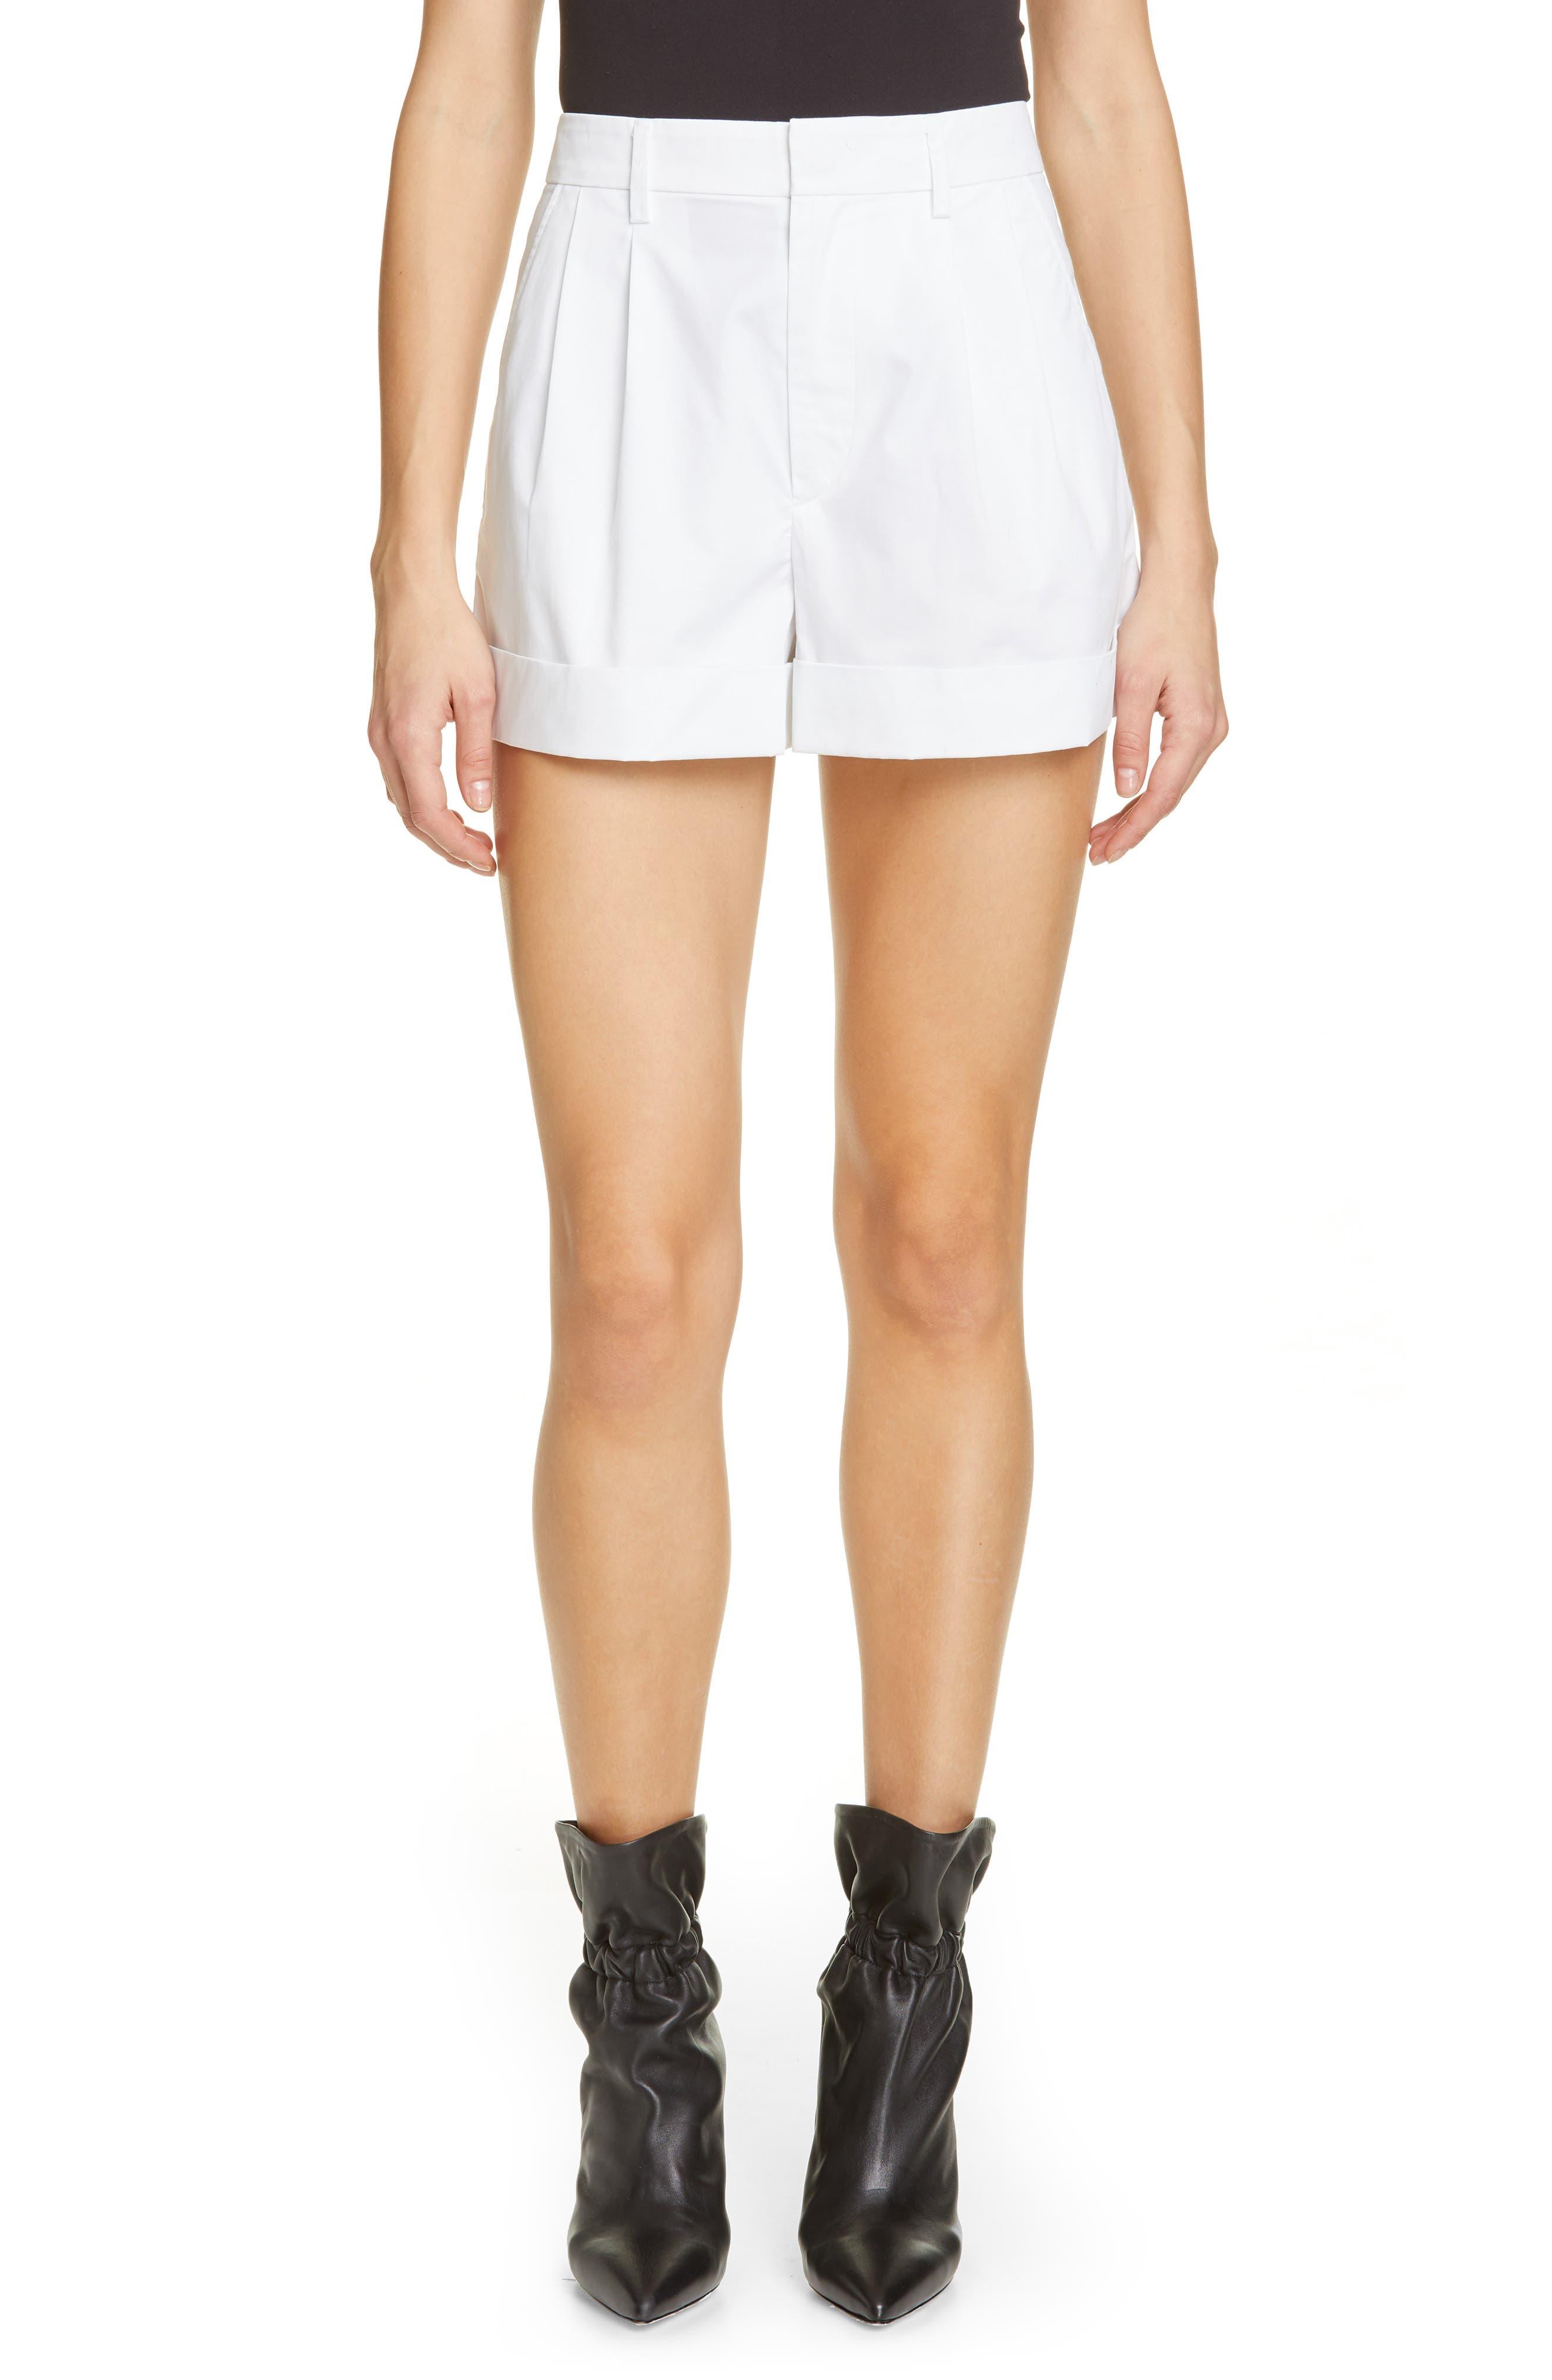 Olbia Cotton Shorts,                             Main thumbnail 1, color,                             WHITE